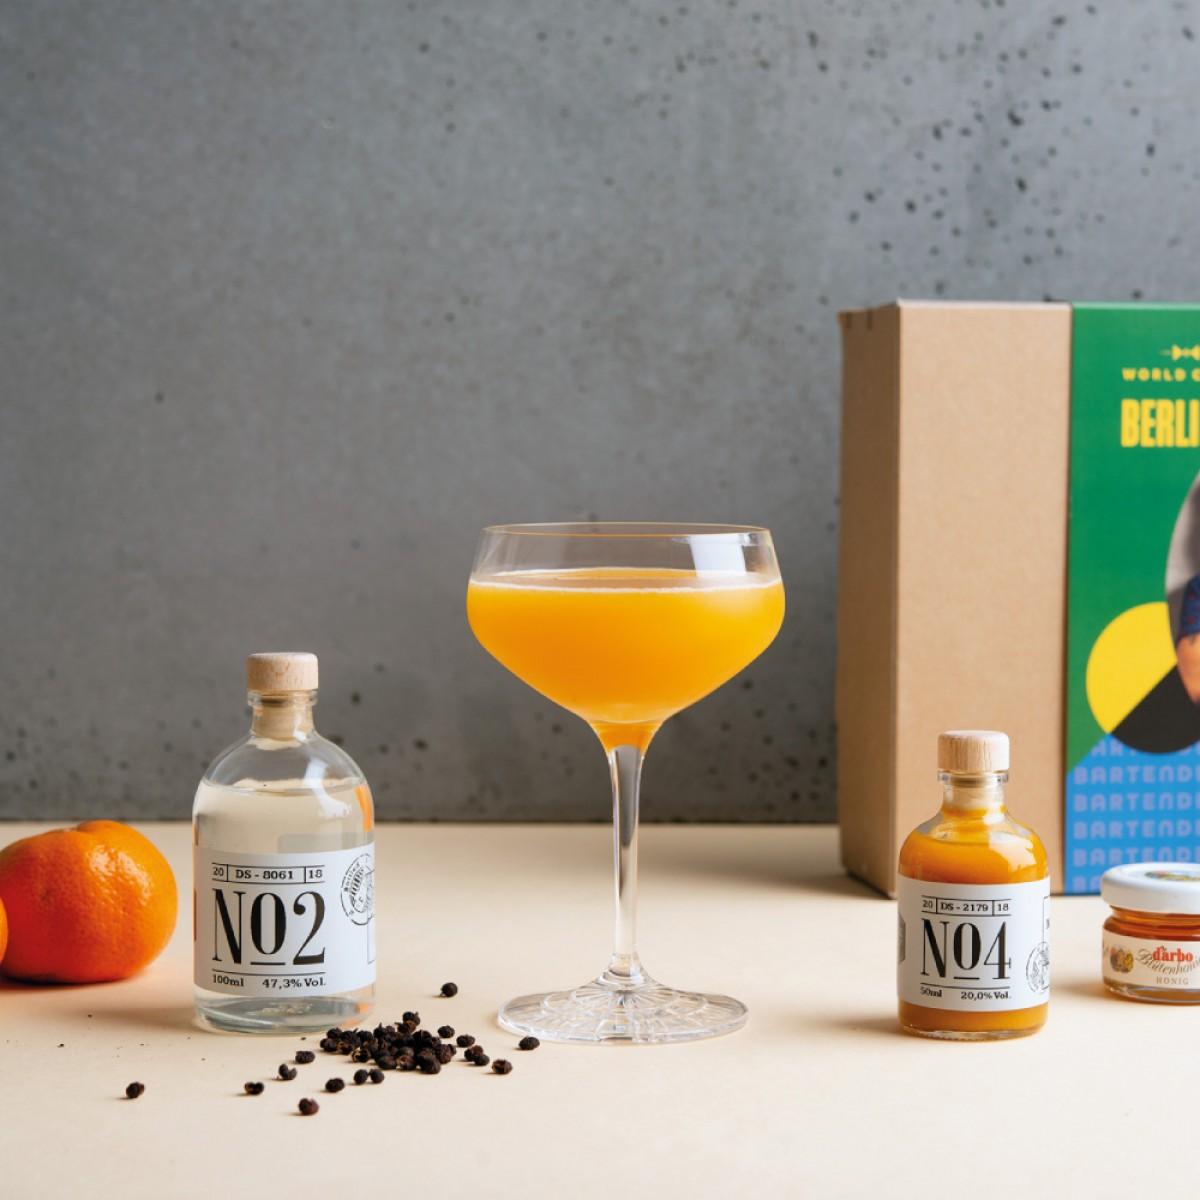 World Class 2018 - Cocktail-Kit mit Zutaten und Rezepten